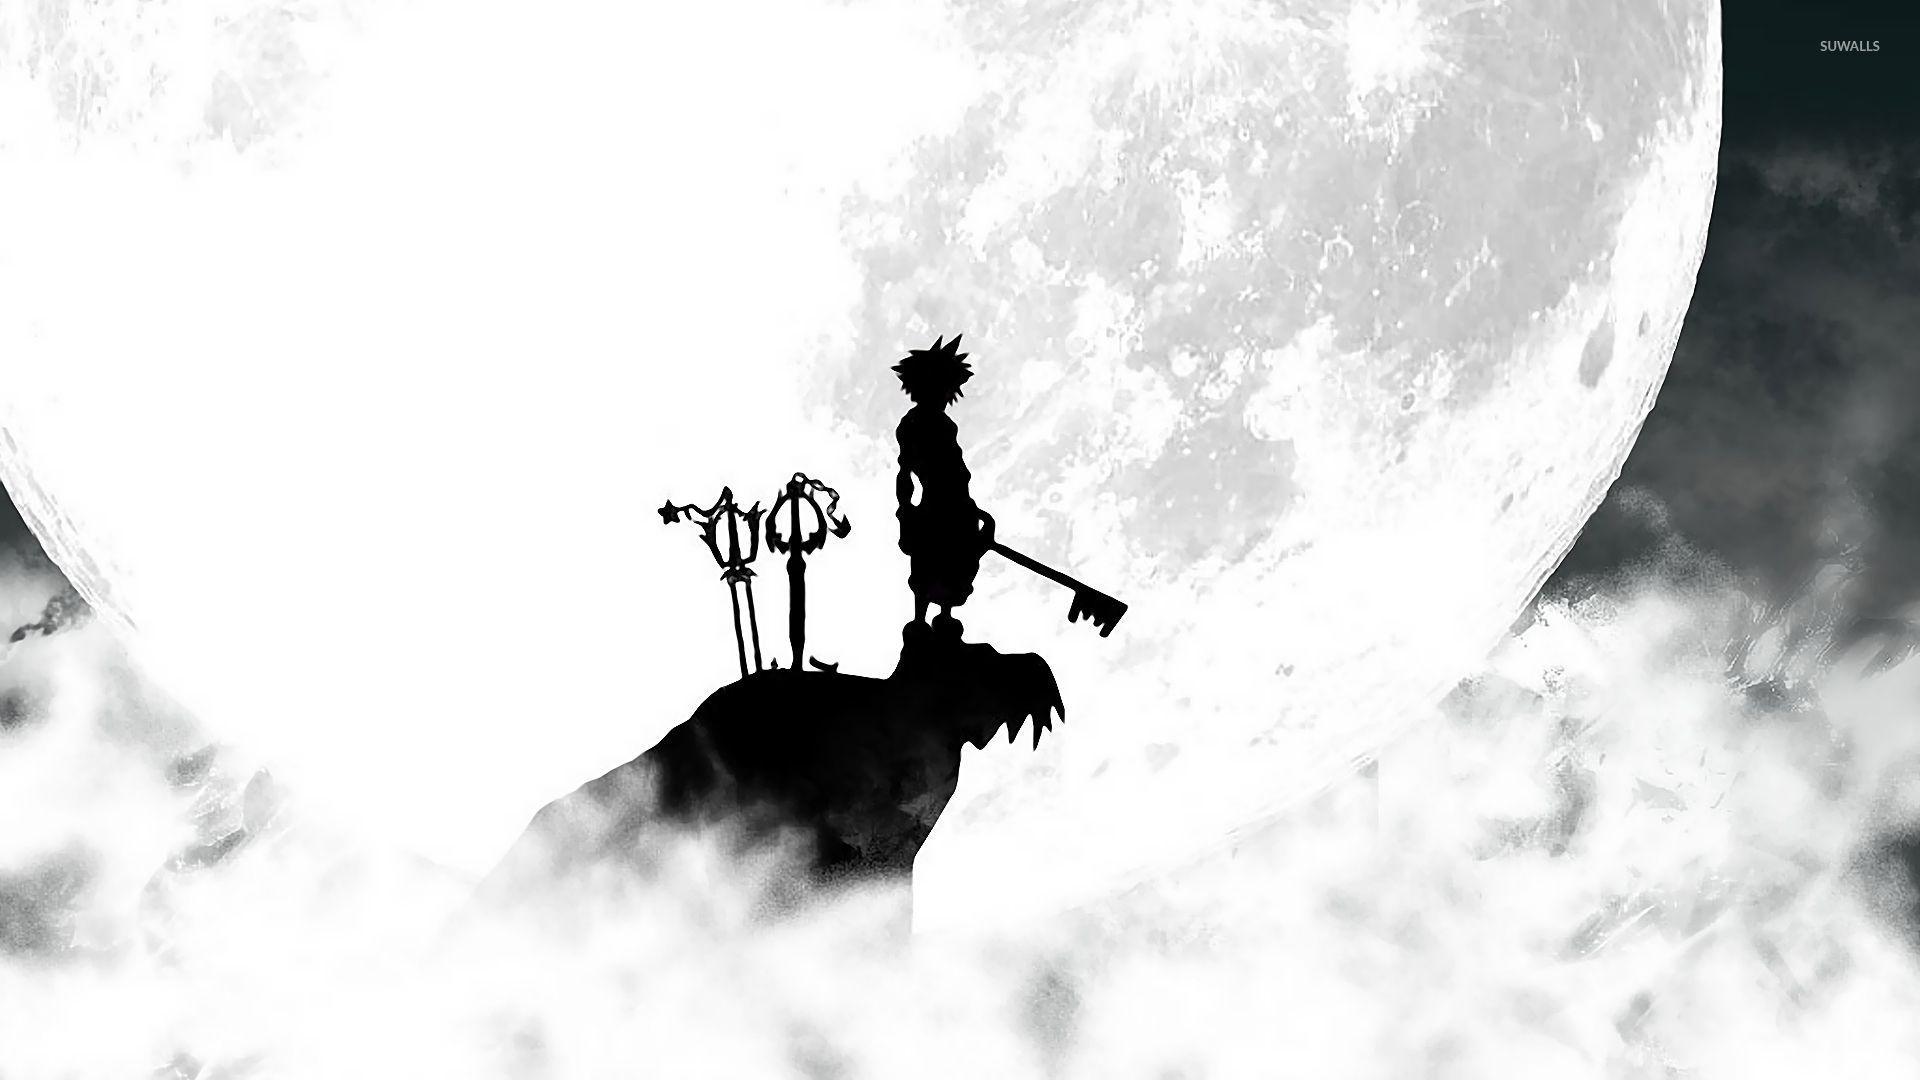 Kingdom Hearts Sora Ps4wallpapers Com